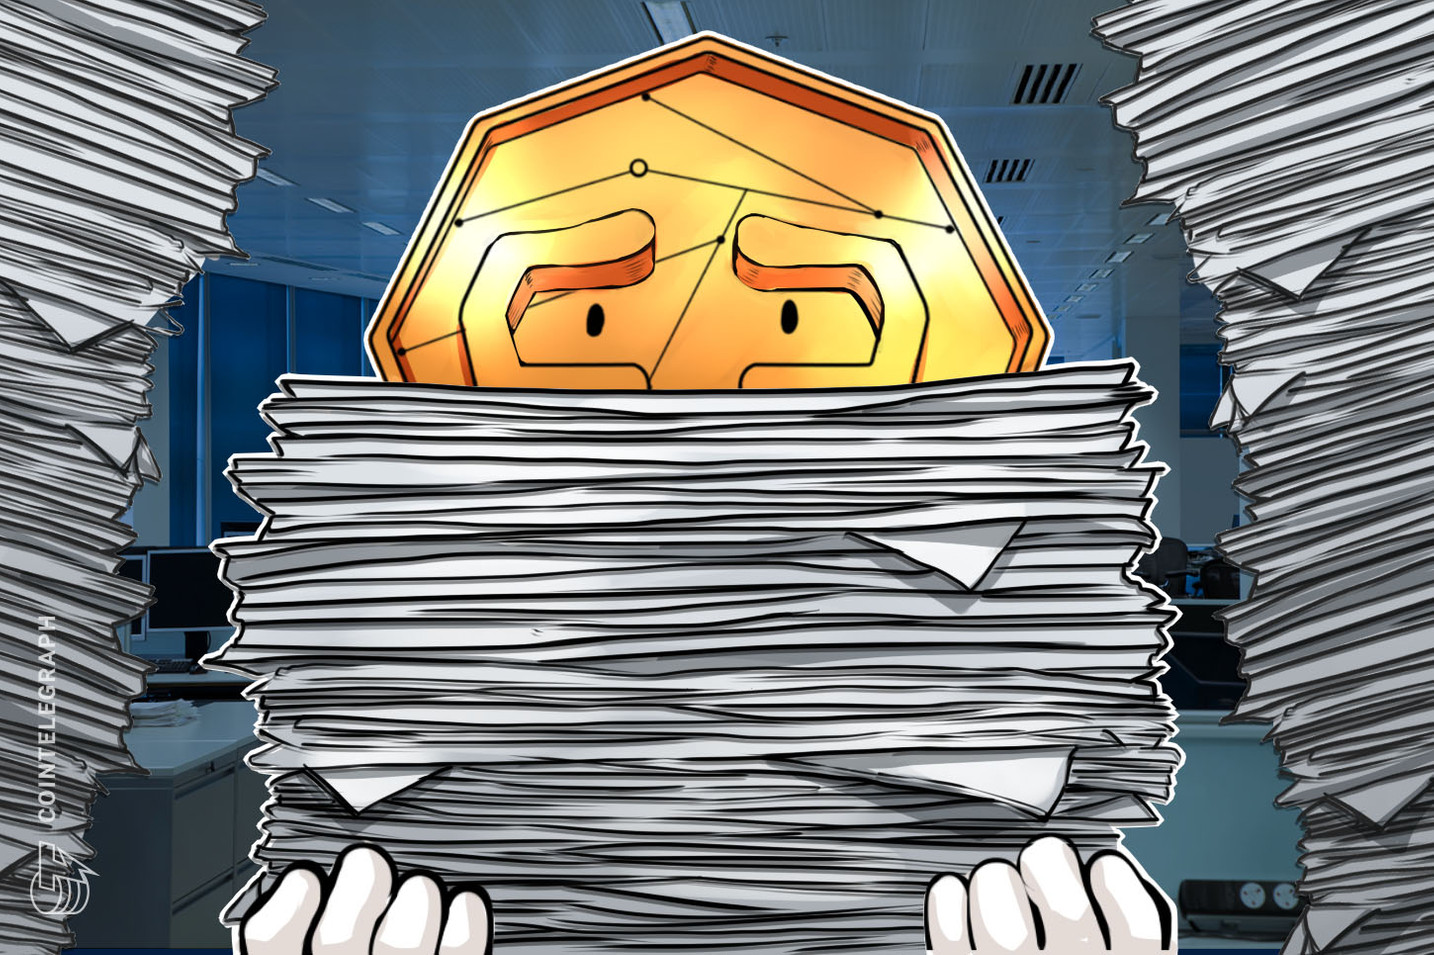 Hollanda Merkez Bankası: Kripto Firmaları Ocak 2020'de Mevzuata Tabi Olacak